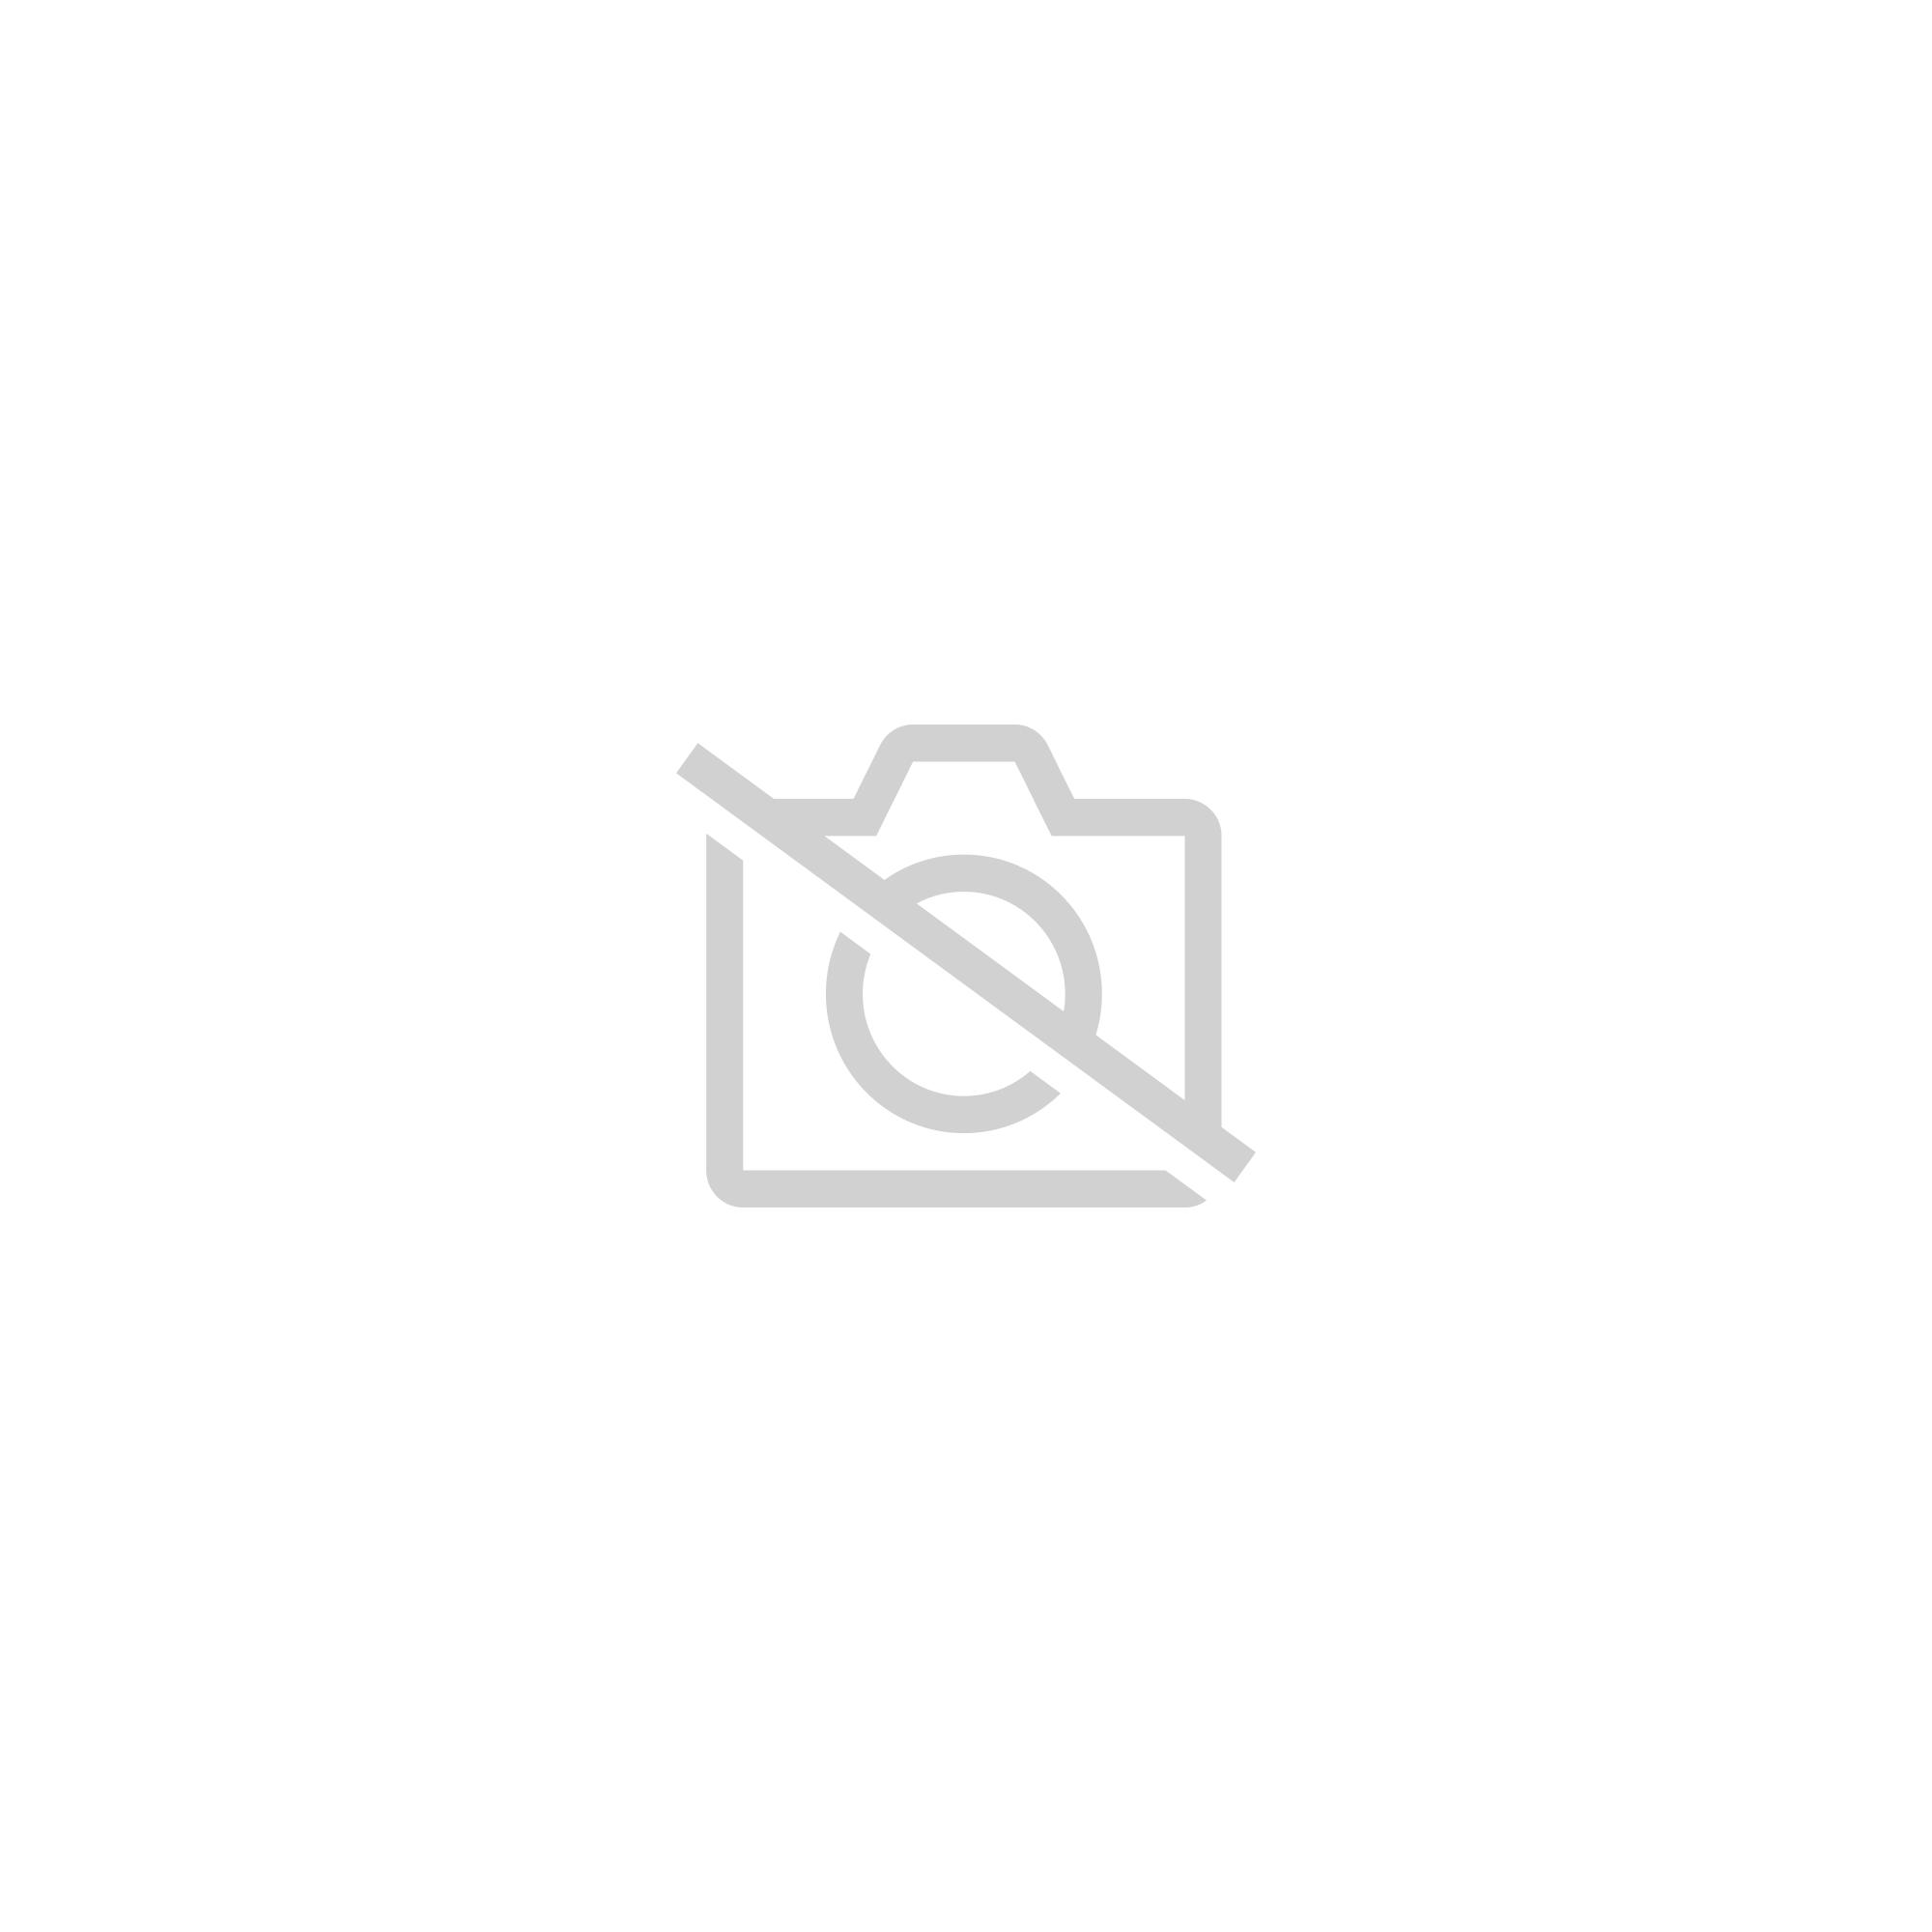 Bracelet Apple Watch 38mm Silicone Souple Bracelet De Remplacement Pour Iwatch Série 3/2/1 Motif Rayures - Bleu Et Blanc